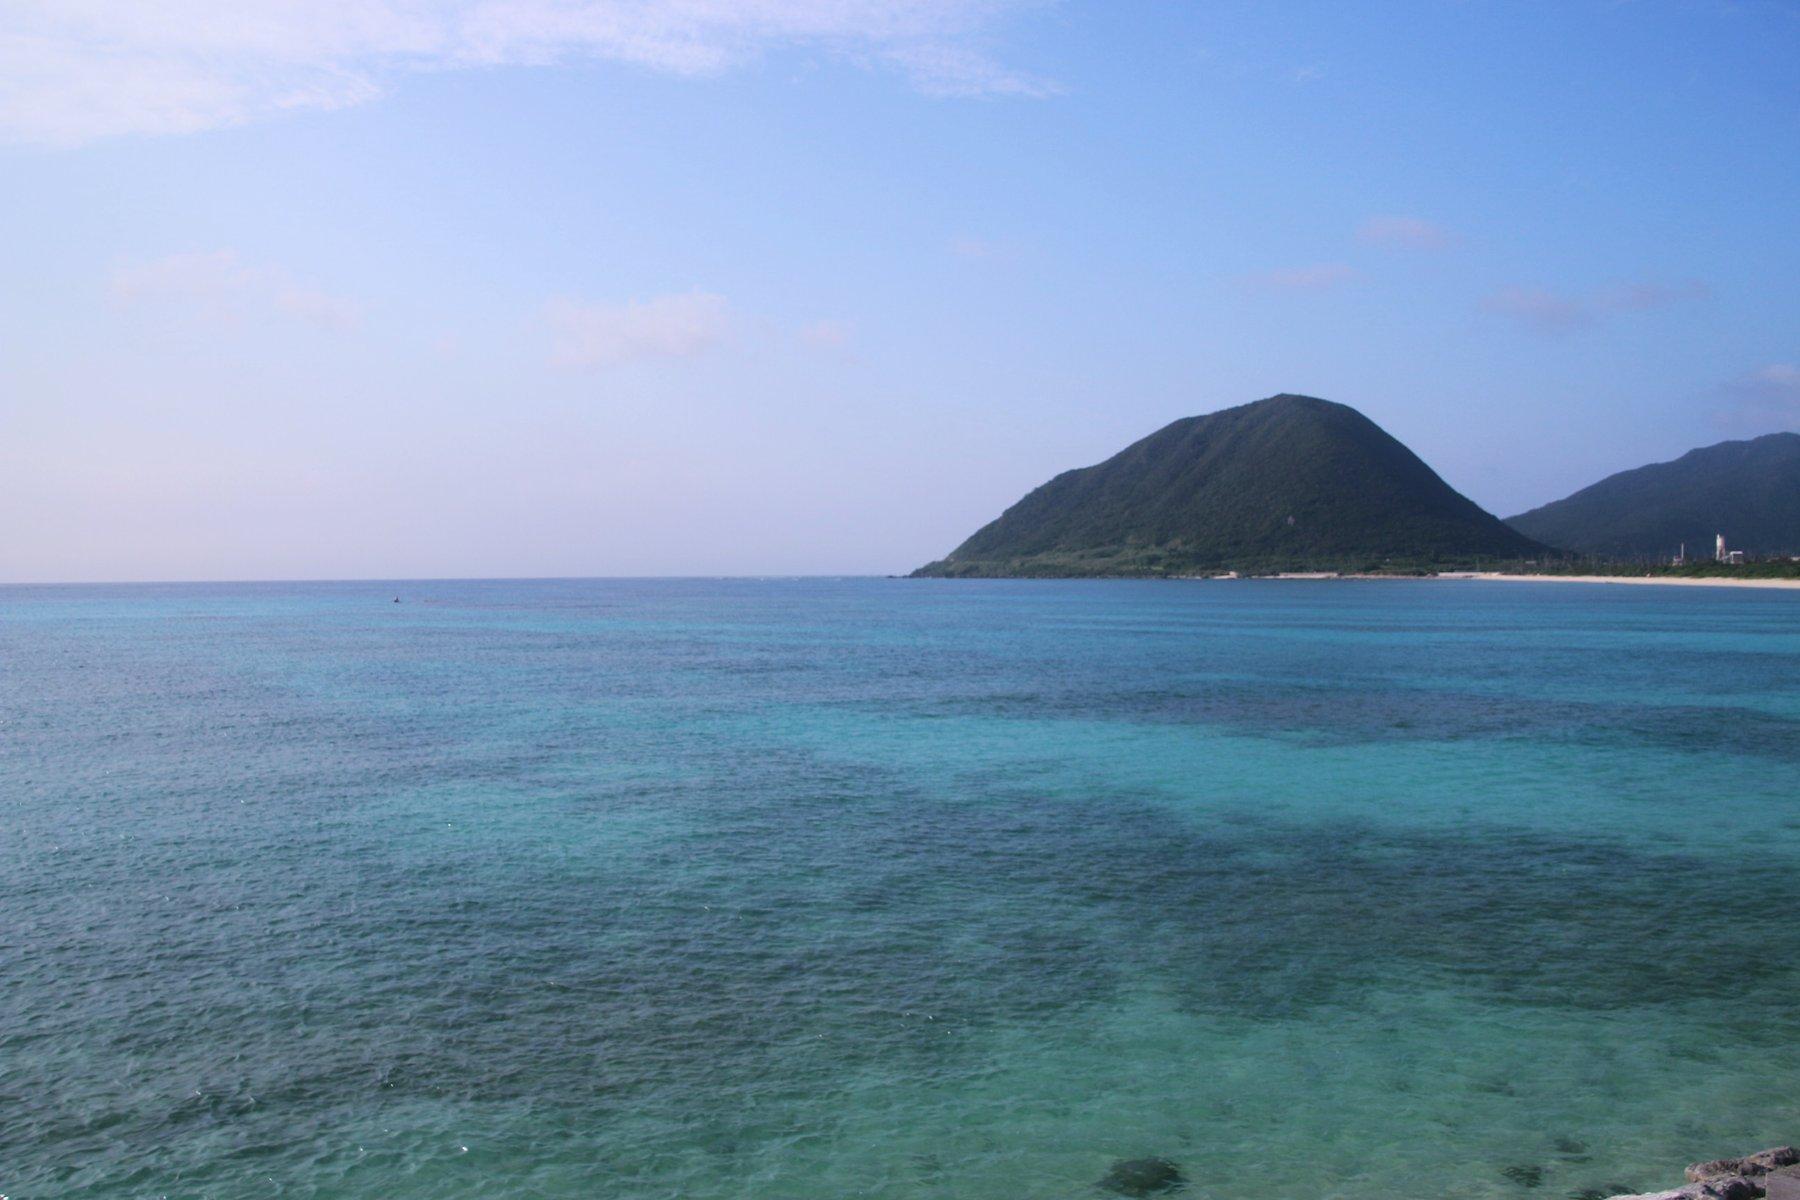 北緯27度線の島旅 -2019年8月- : 旅の記憶 〜遊民雑記〜 tomoyaraのblog